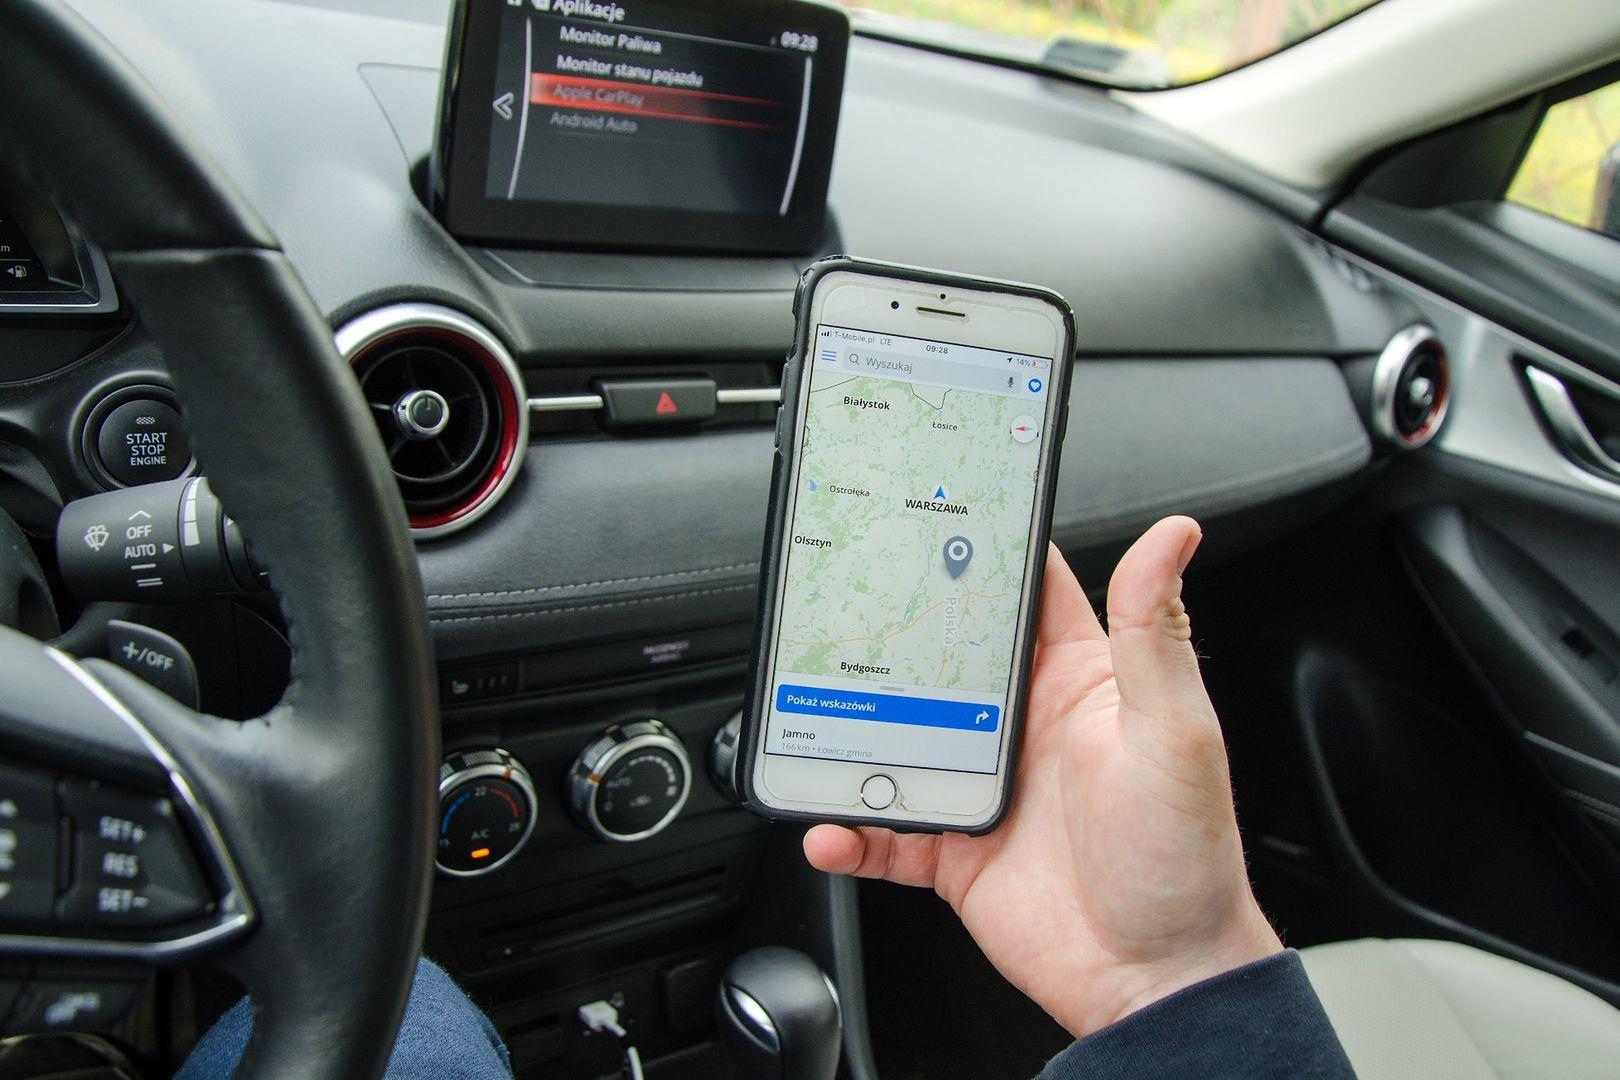 Darmowa Nawigacja Offline Na Smartfona Najlepsze Propozycje